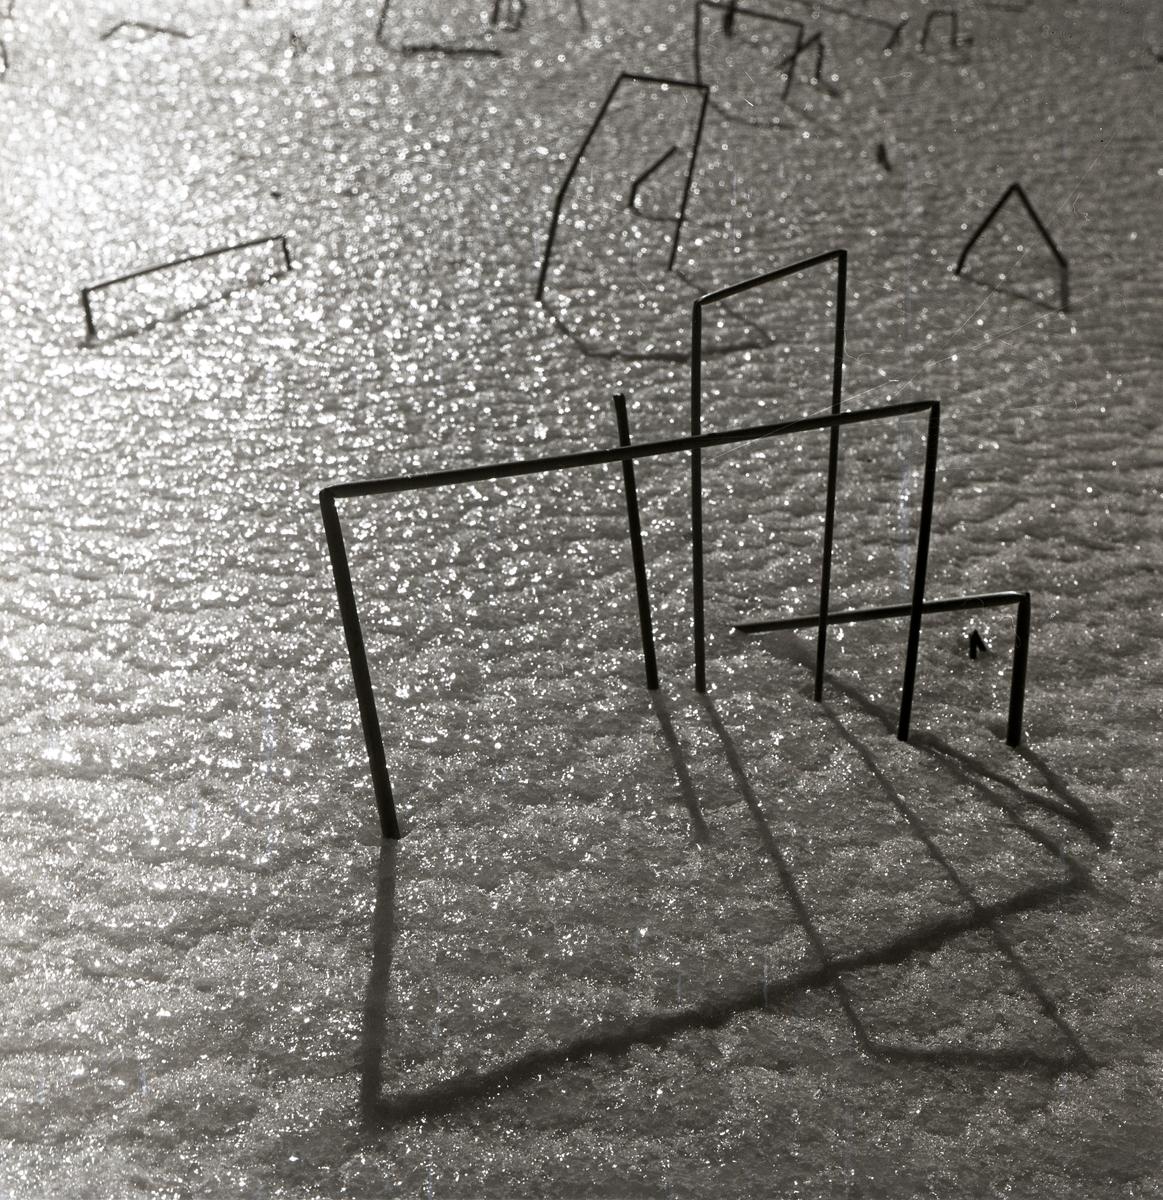 Några kvadratiskt formade vasstrån kastar skuggor på marken, 1960.